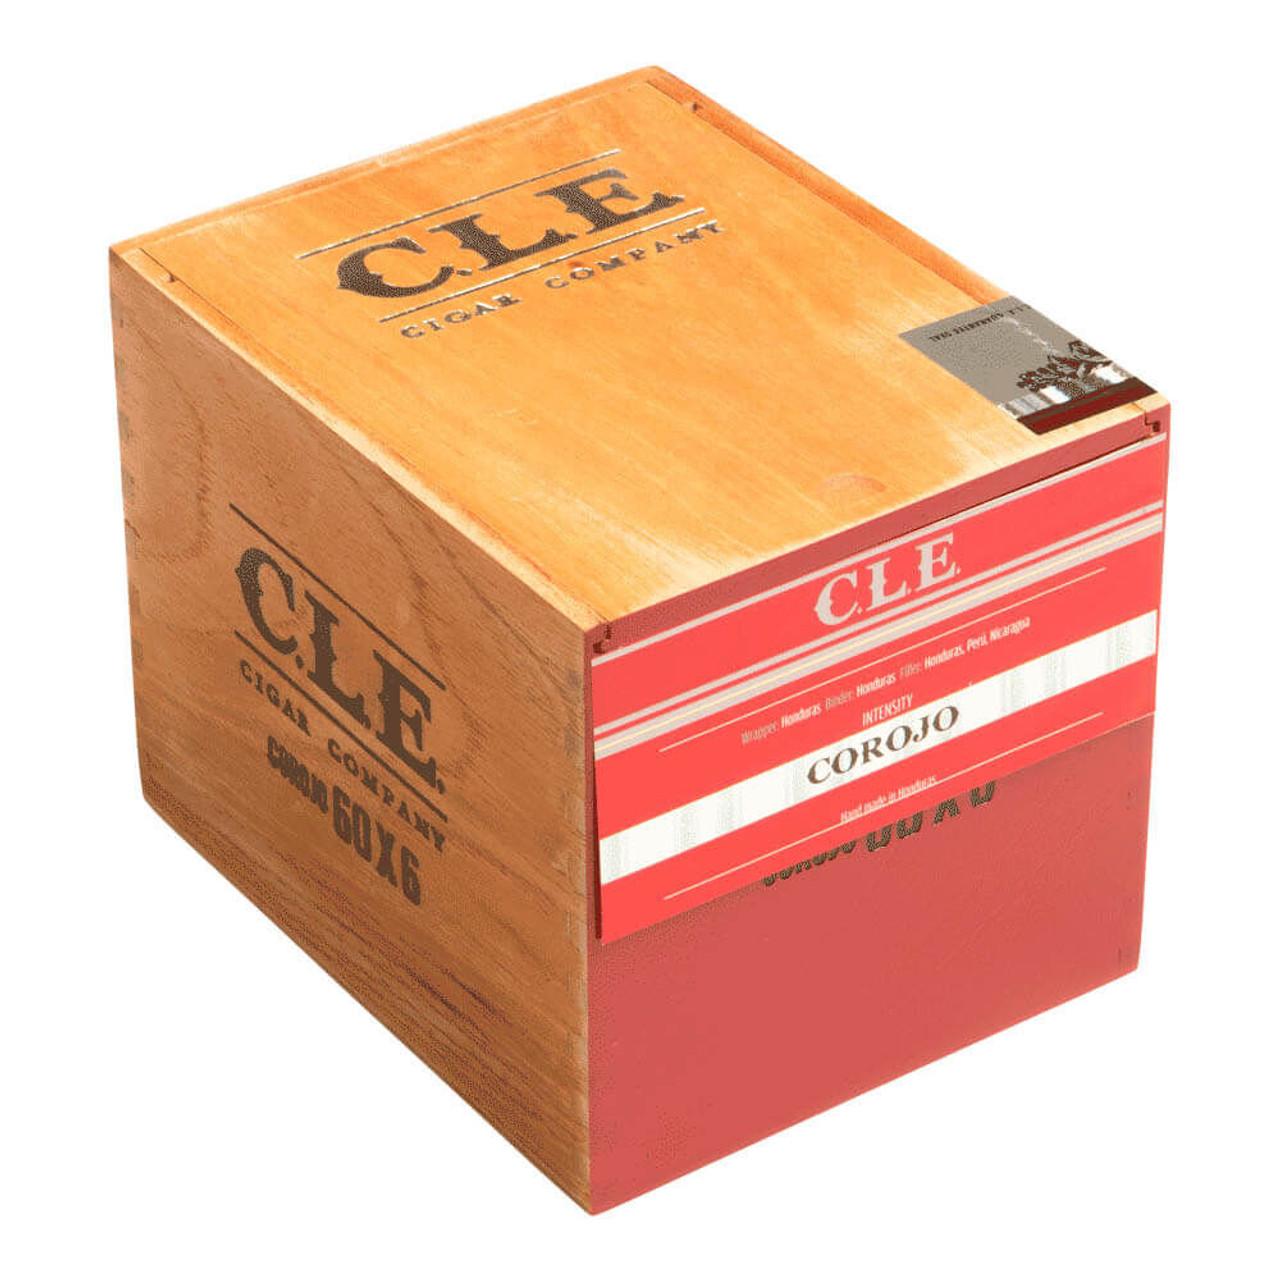 CLE Corojo 6 X 60 Cigars - 6 x 60 (Box of 25)